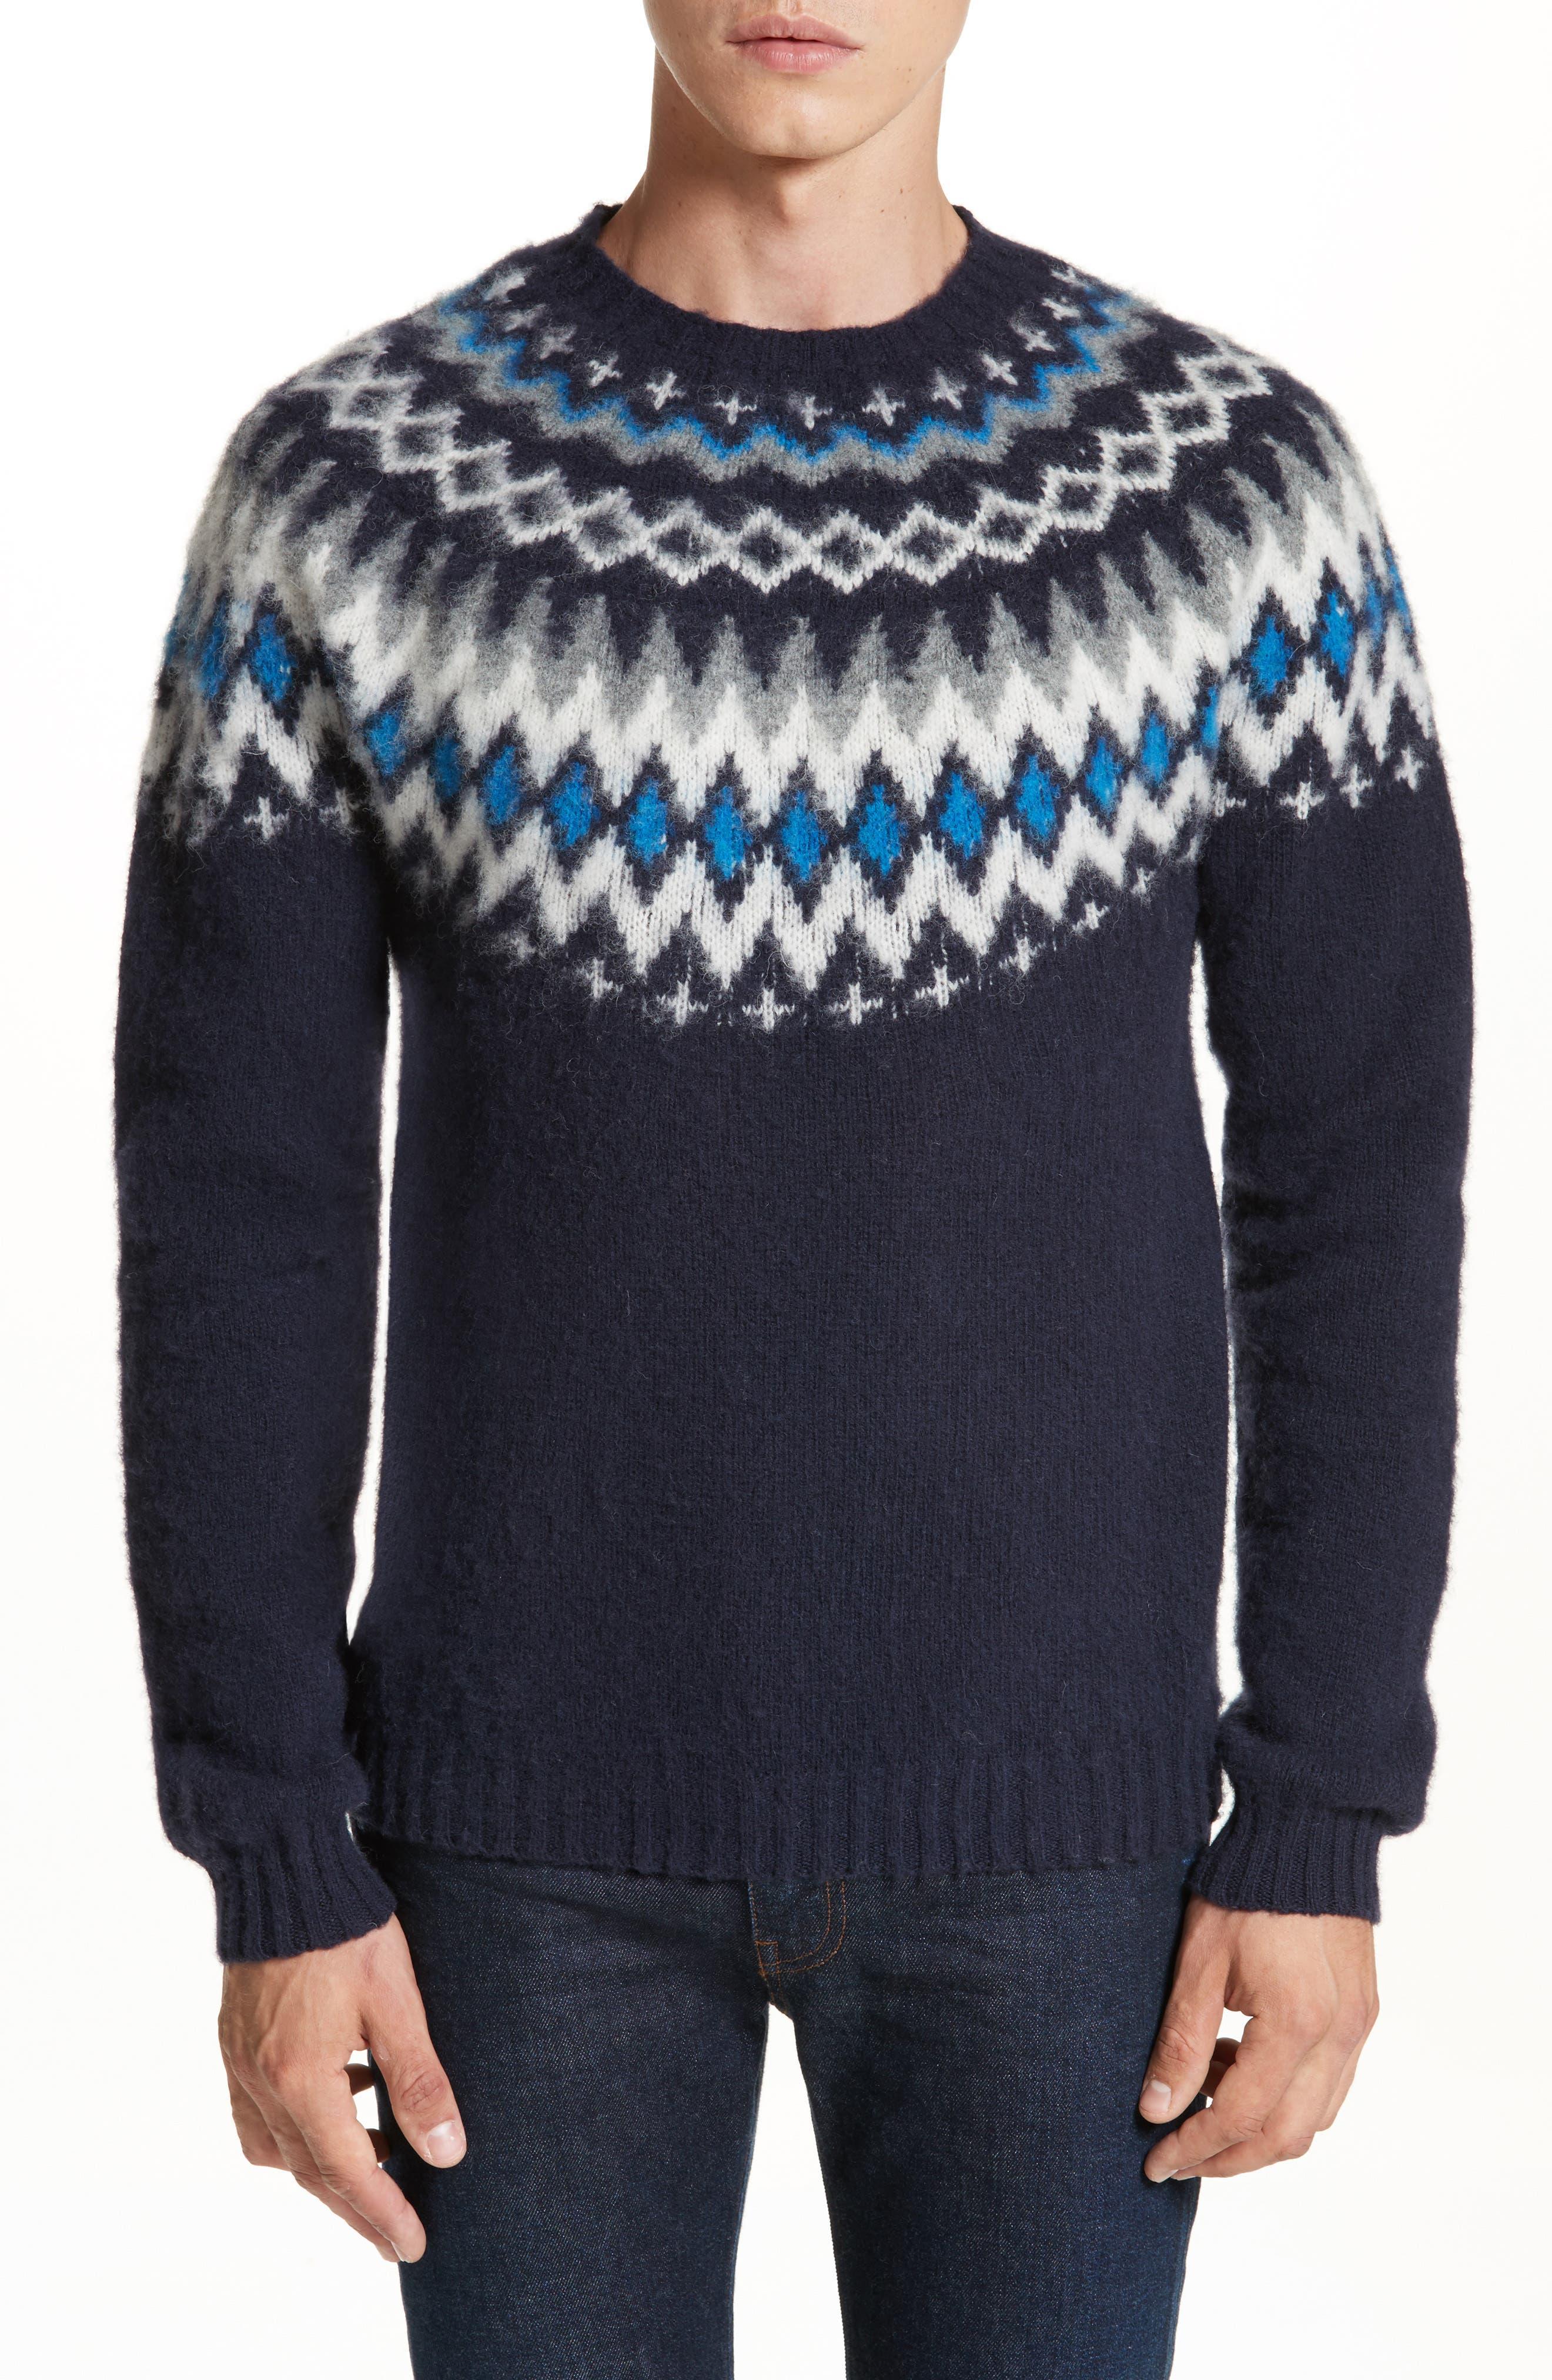 Nirnir Fair Isle Lambswool Sweater,                             Main thumbnail 1, color,                             410